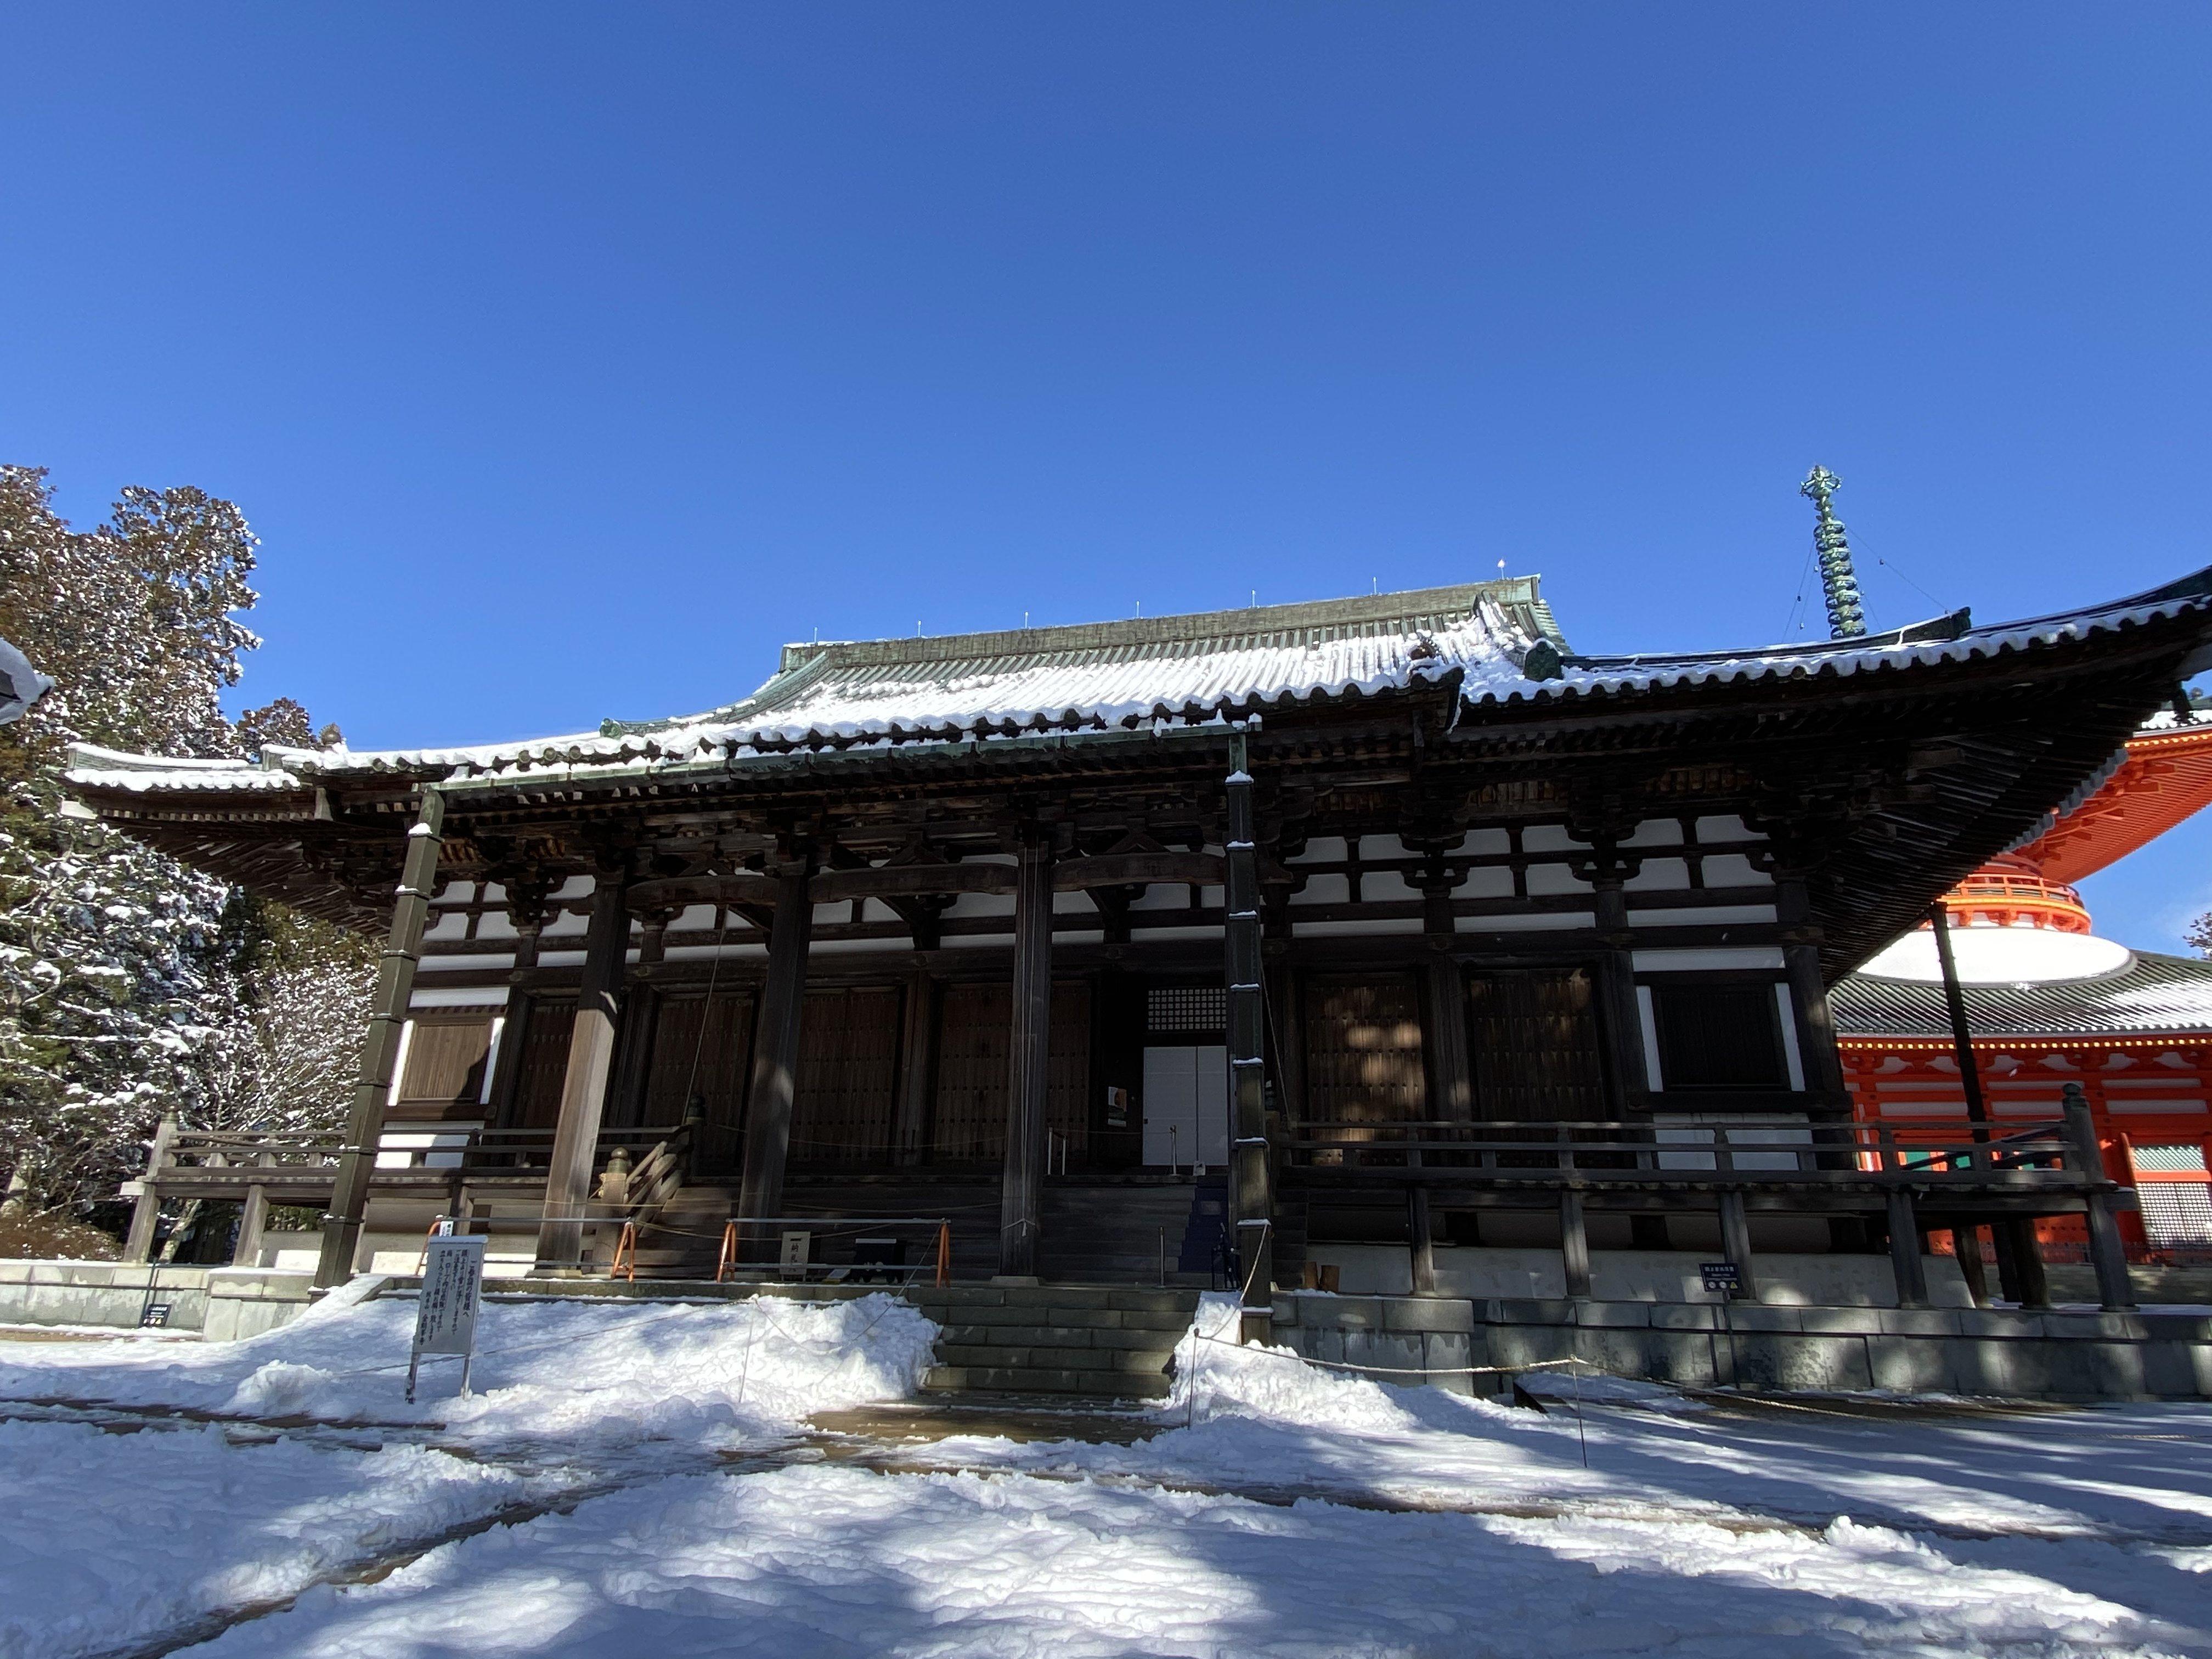 冬の高野山 歴史建造物を巡る